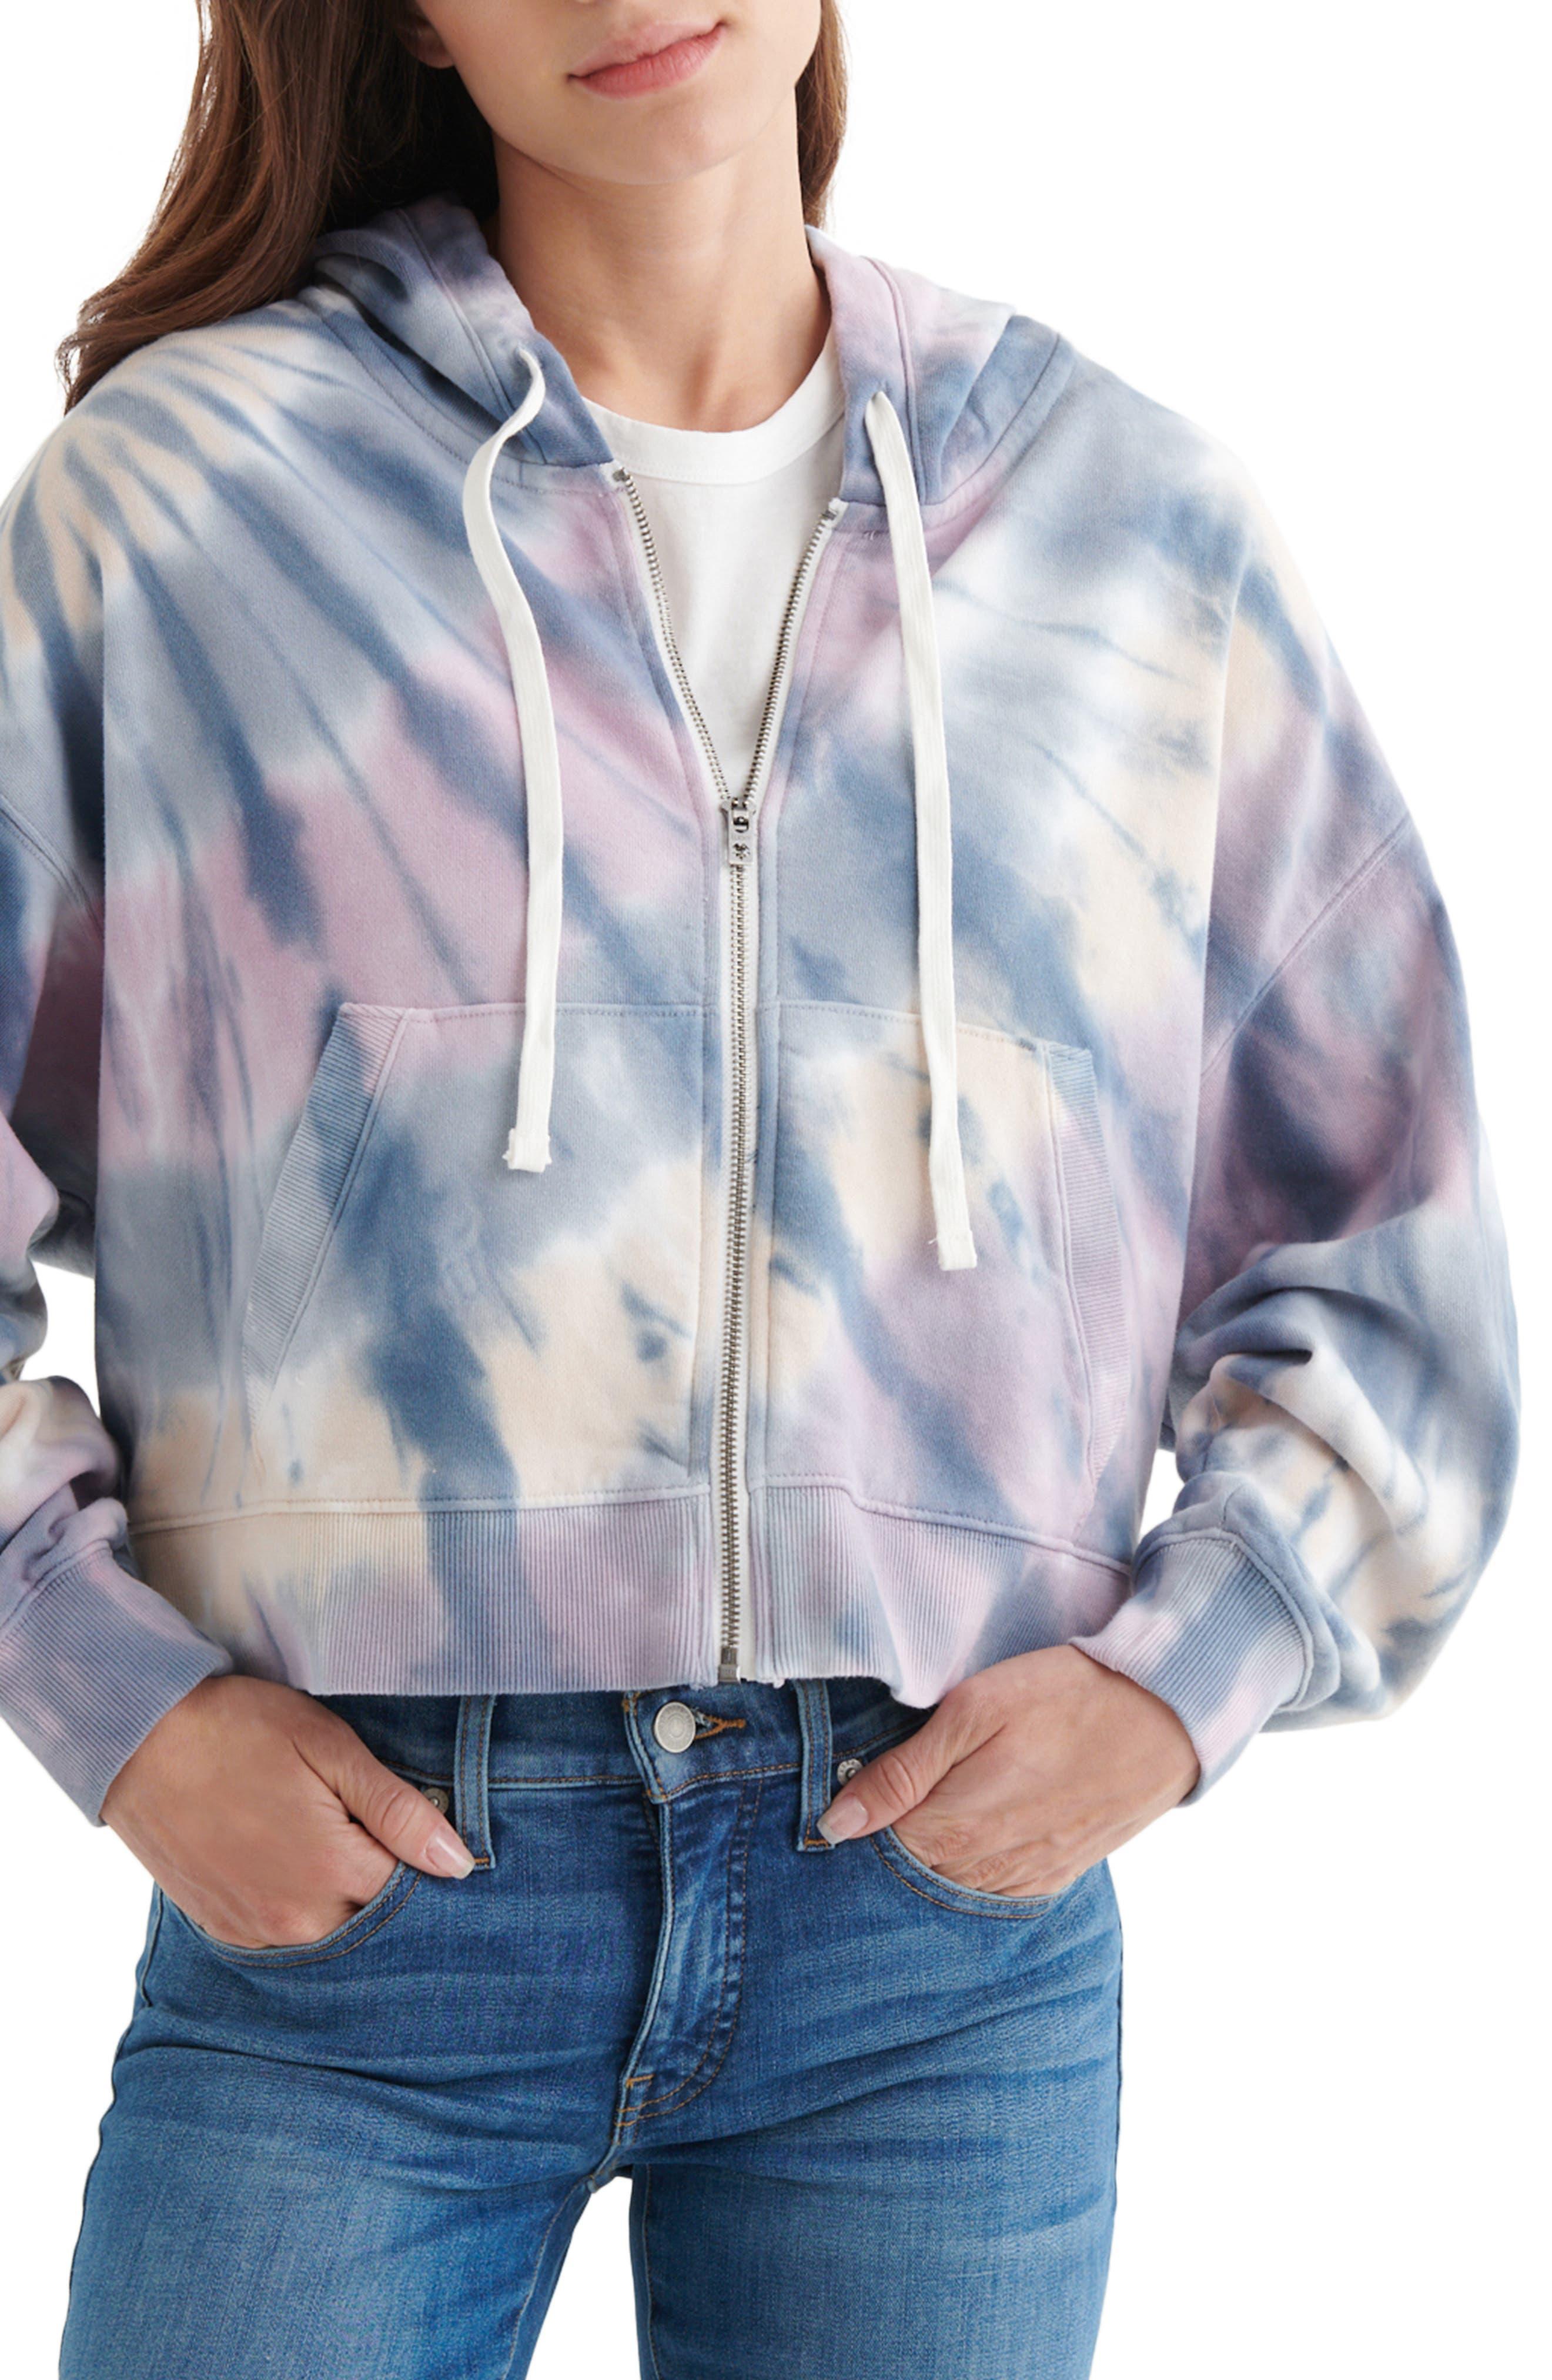 Boxy Zip Hooded Sweatshirt